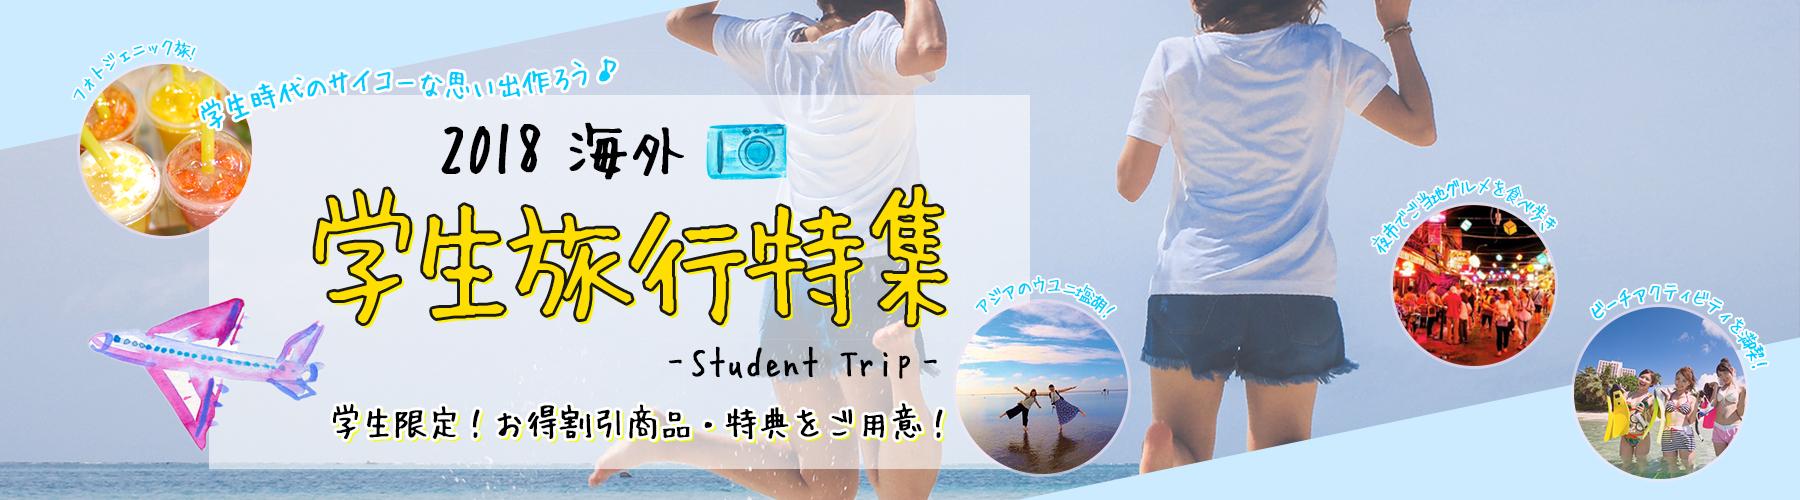 海外学生旅行特集2018_PC